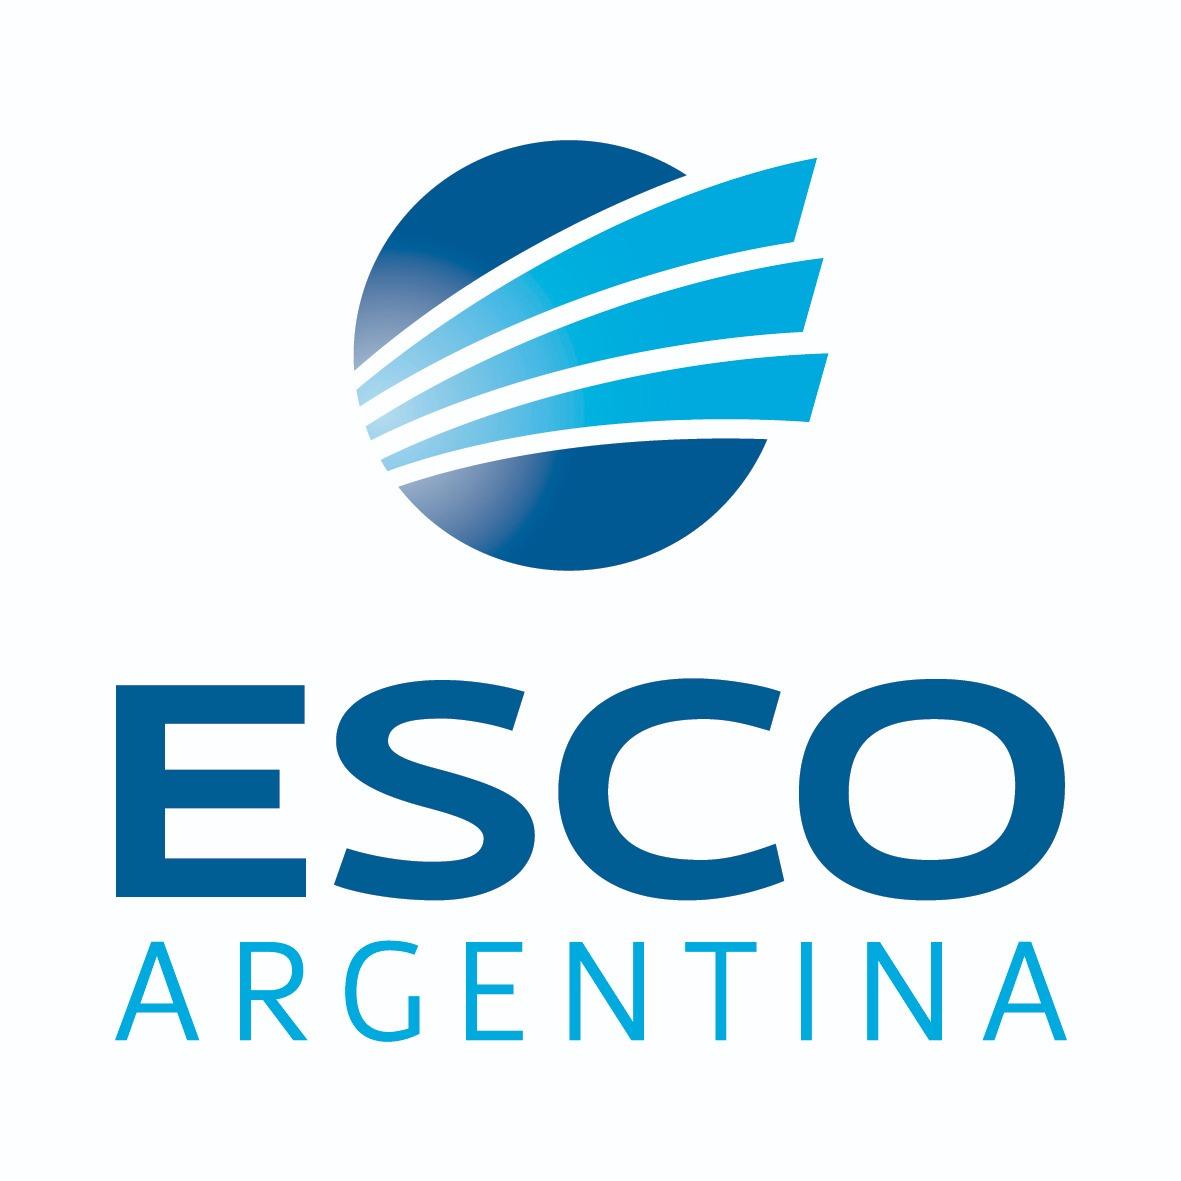 Esco Argentina